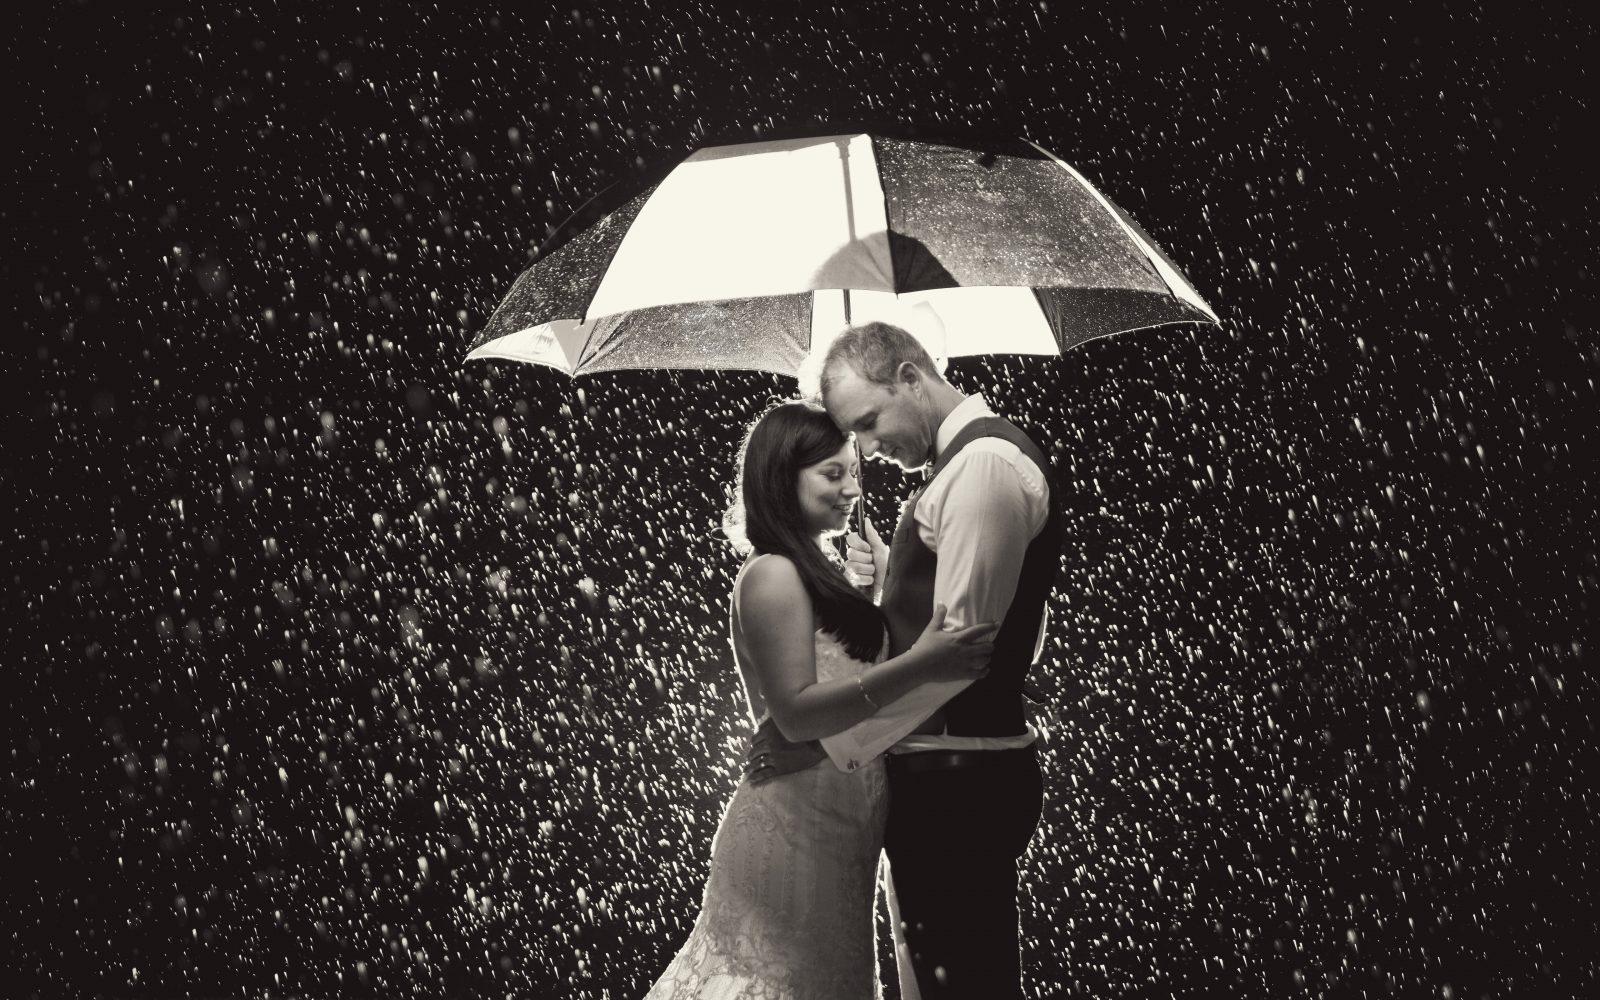 Stanley Park Wedding ~ Marissa & Luke